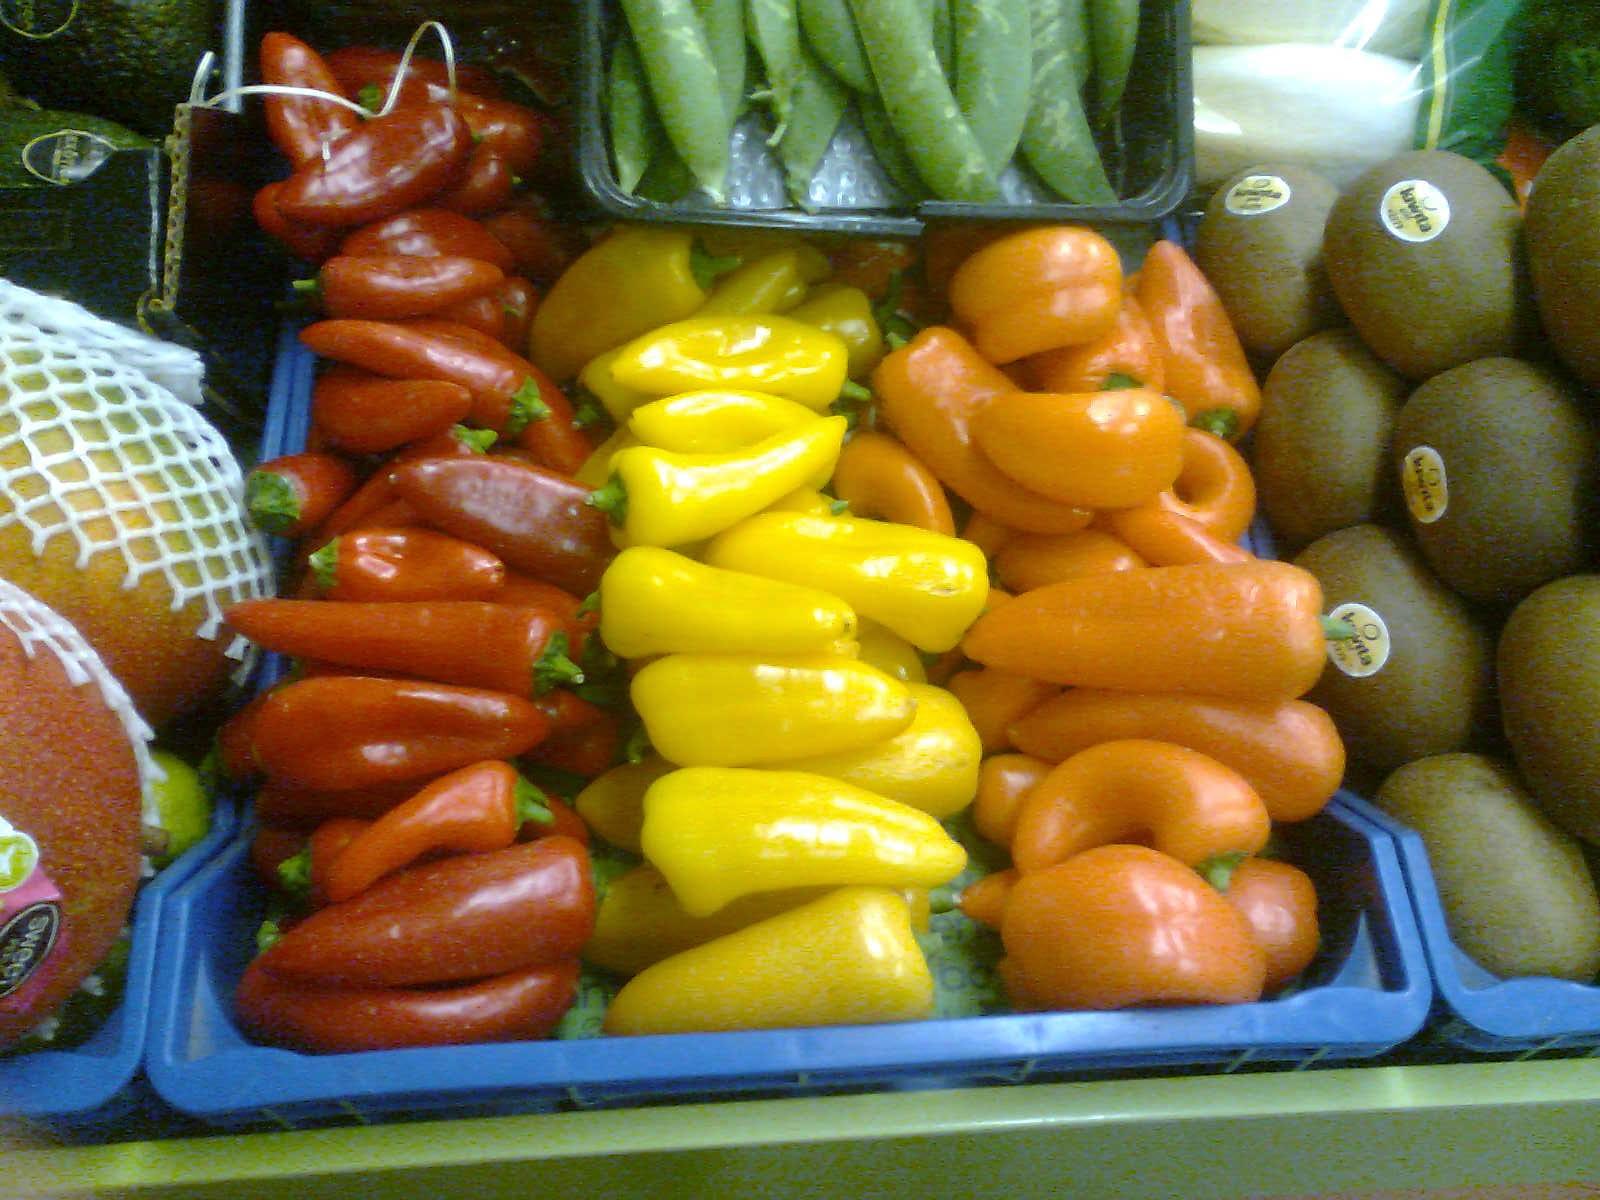 Pimientos rojos, amarillos y naranjas en 3 franjas verticales